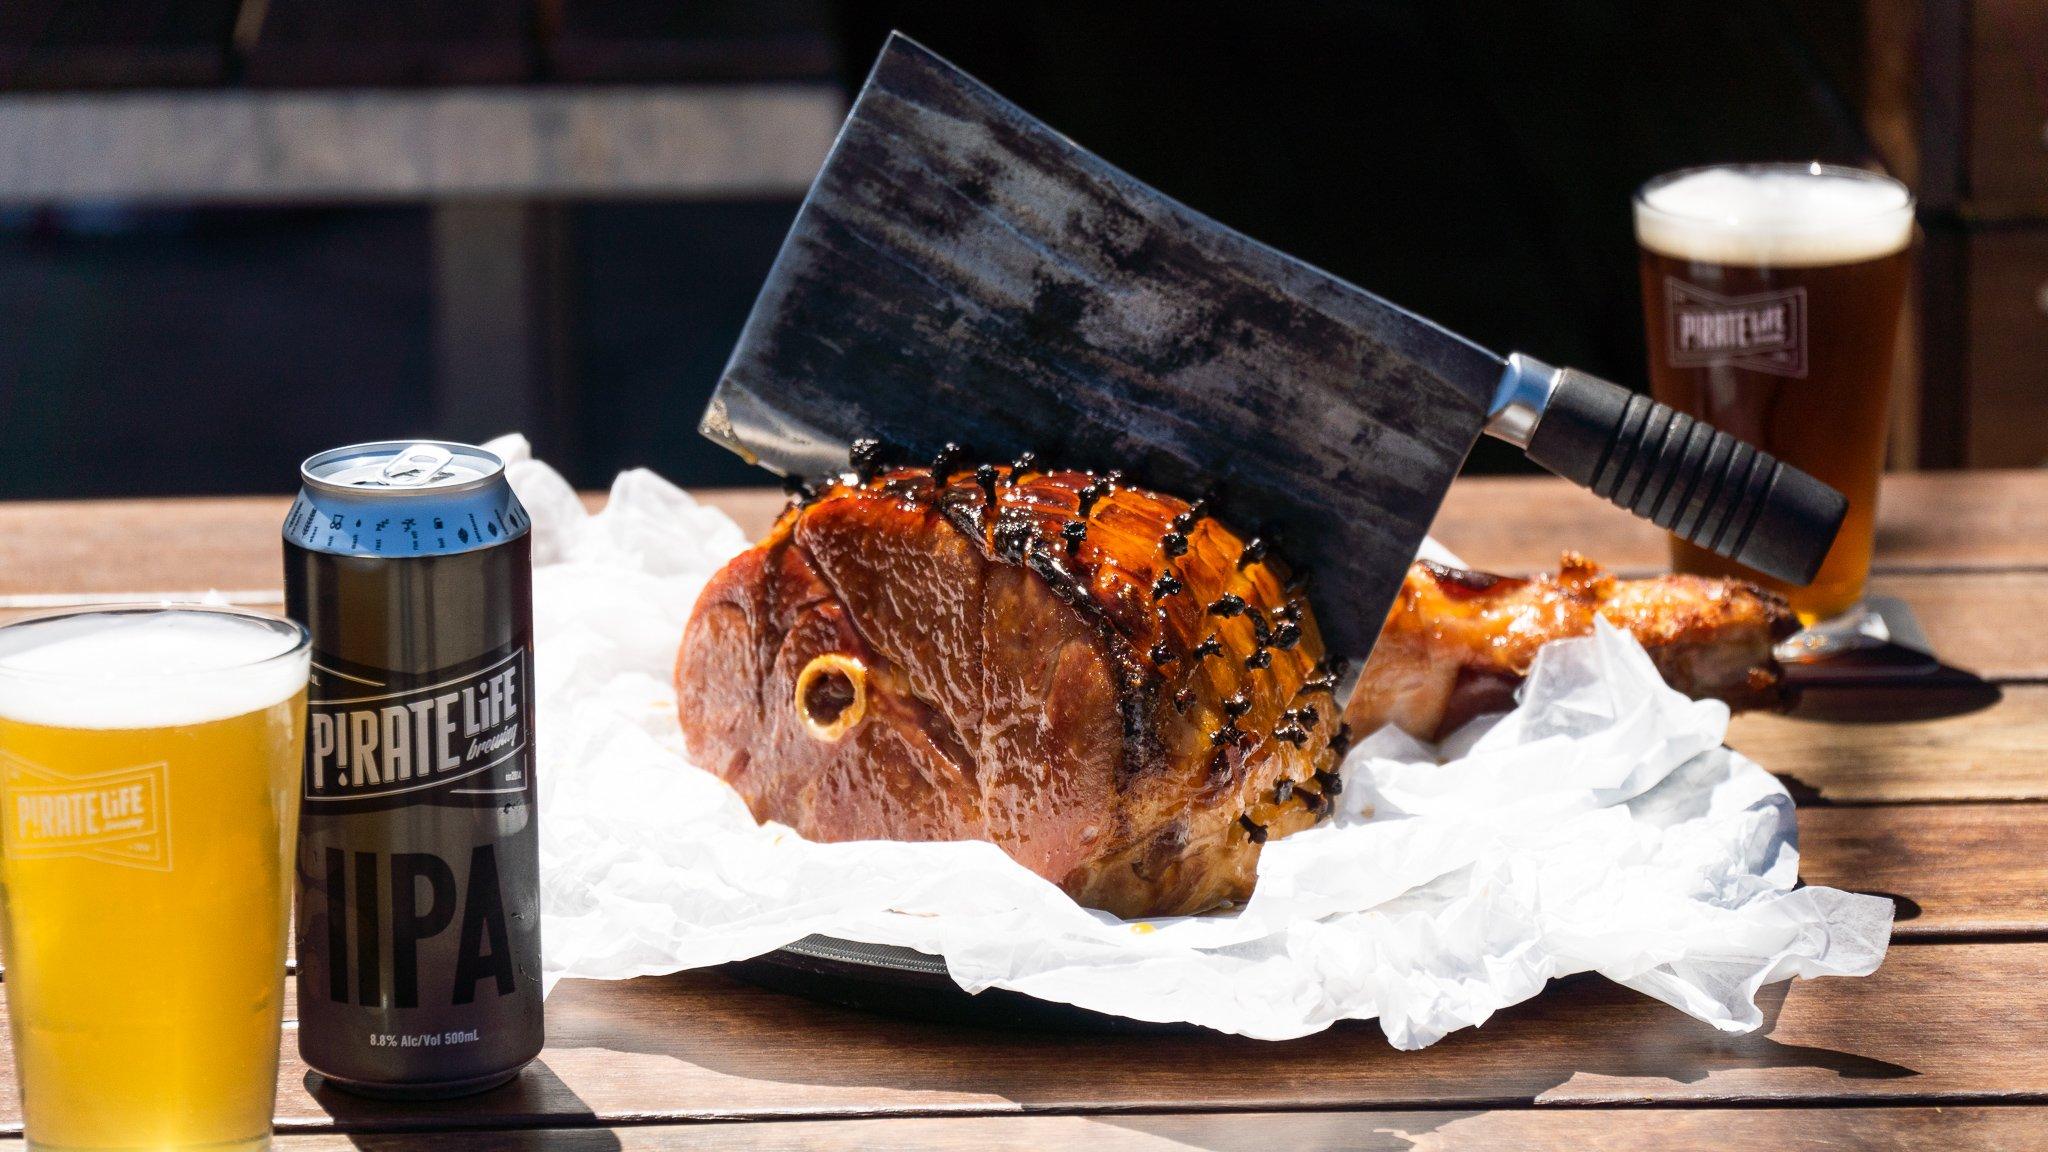 IIPA Glazed Christmas Ham